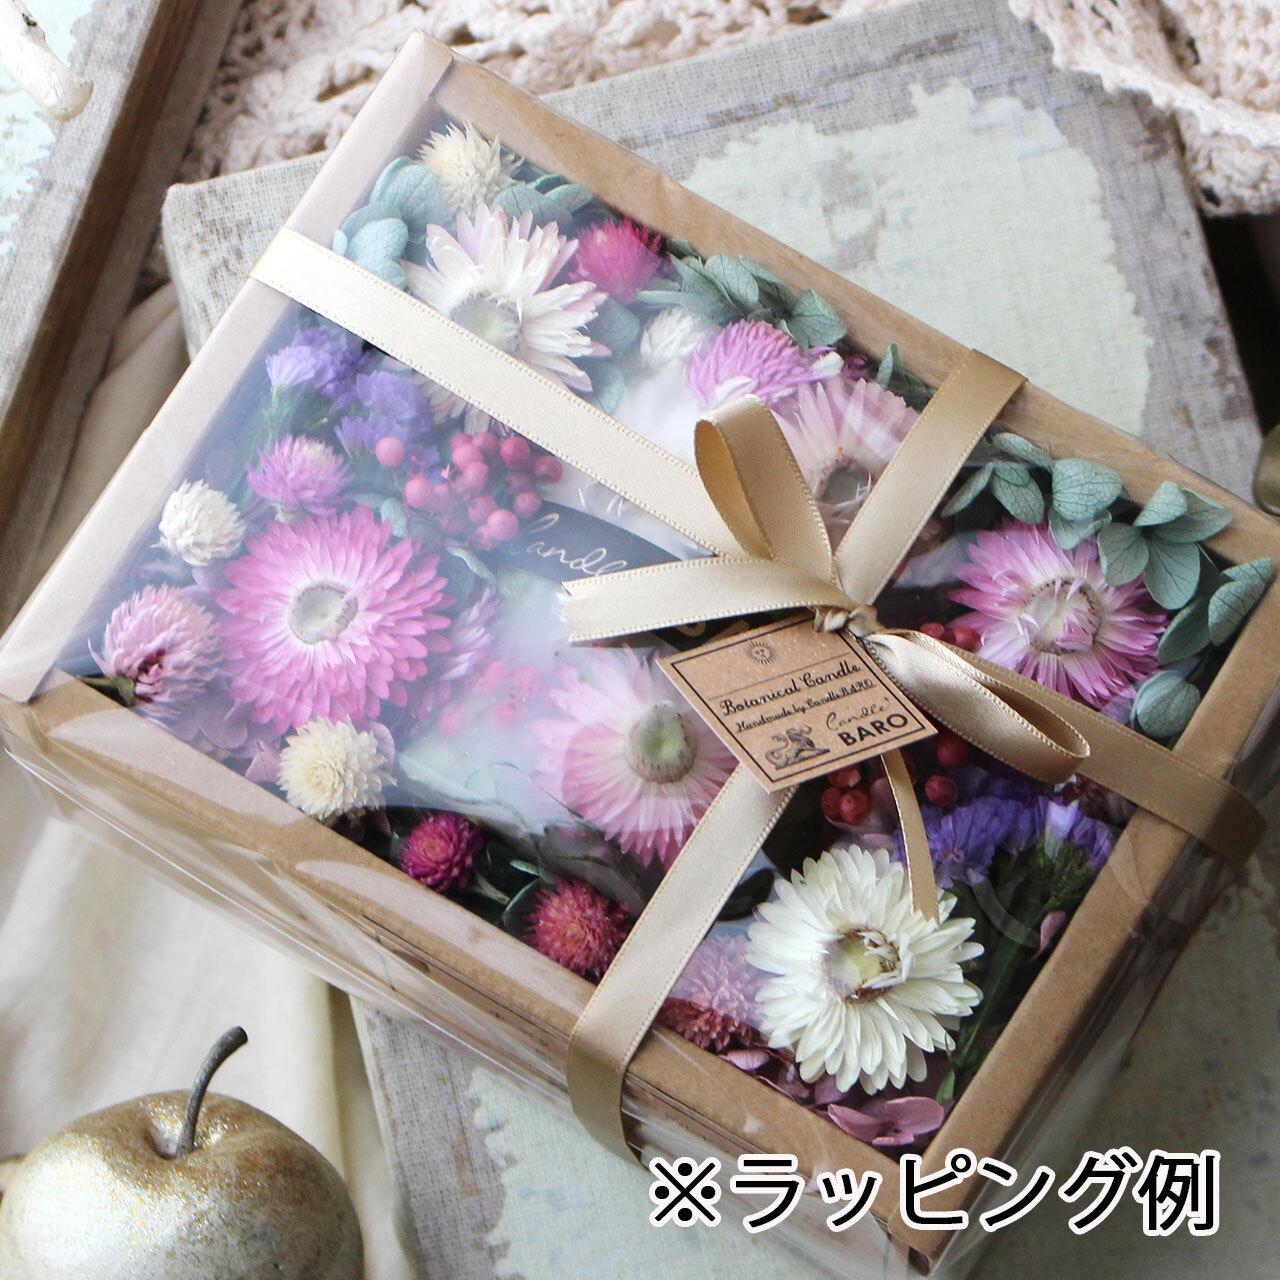 透明ラッピング&紙袋付き☆ボタニカルキャンドルギフト フルーツヘリクリサム